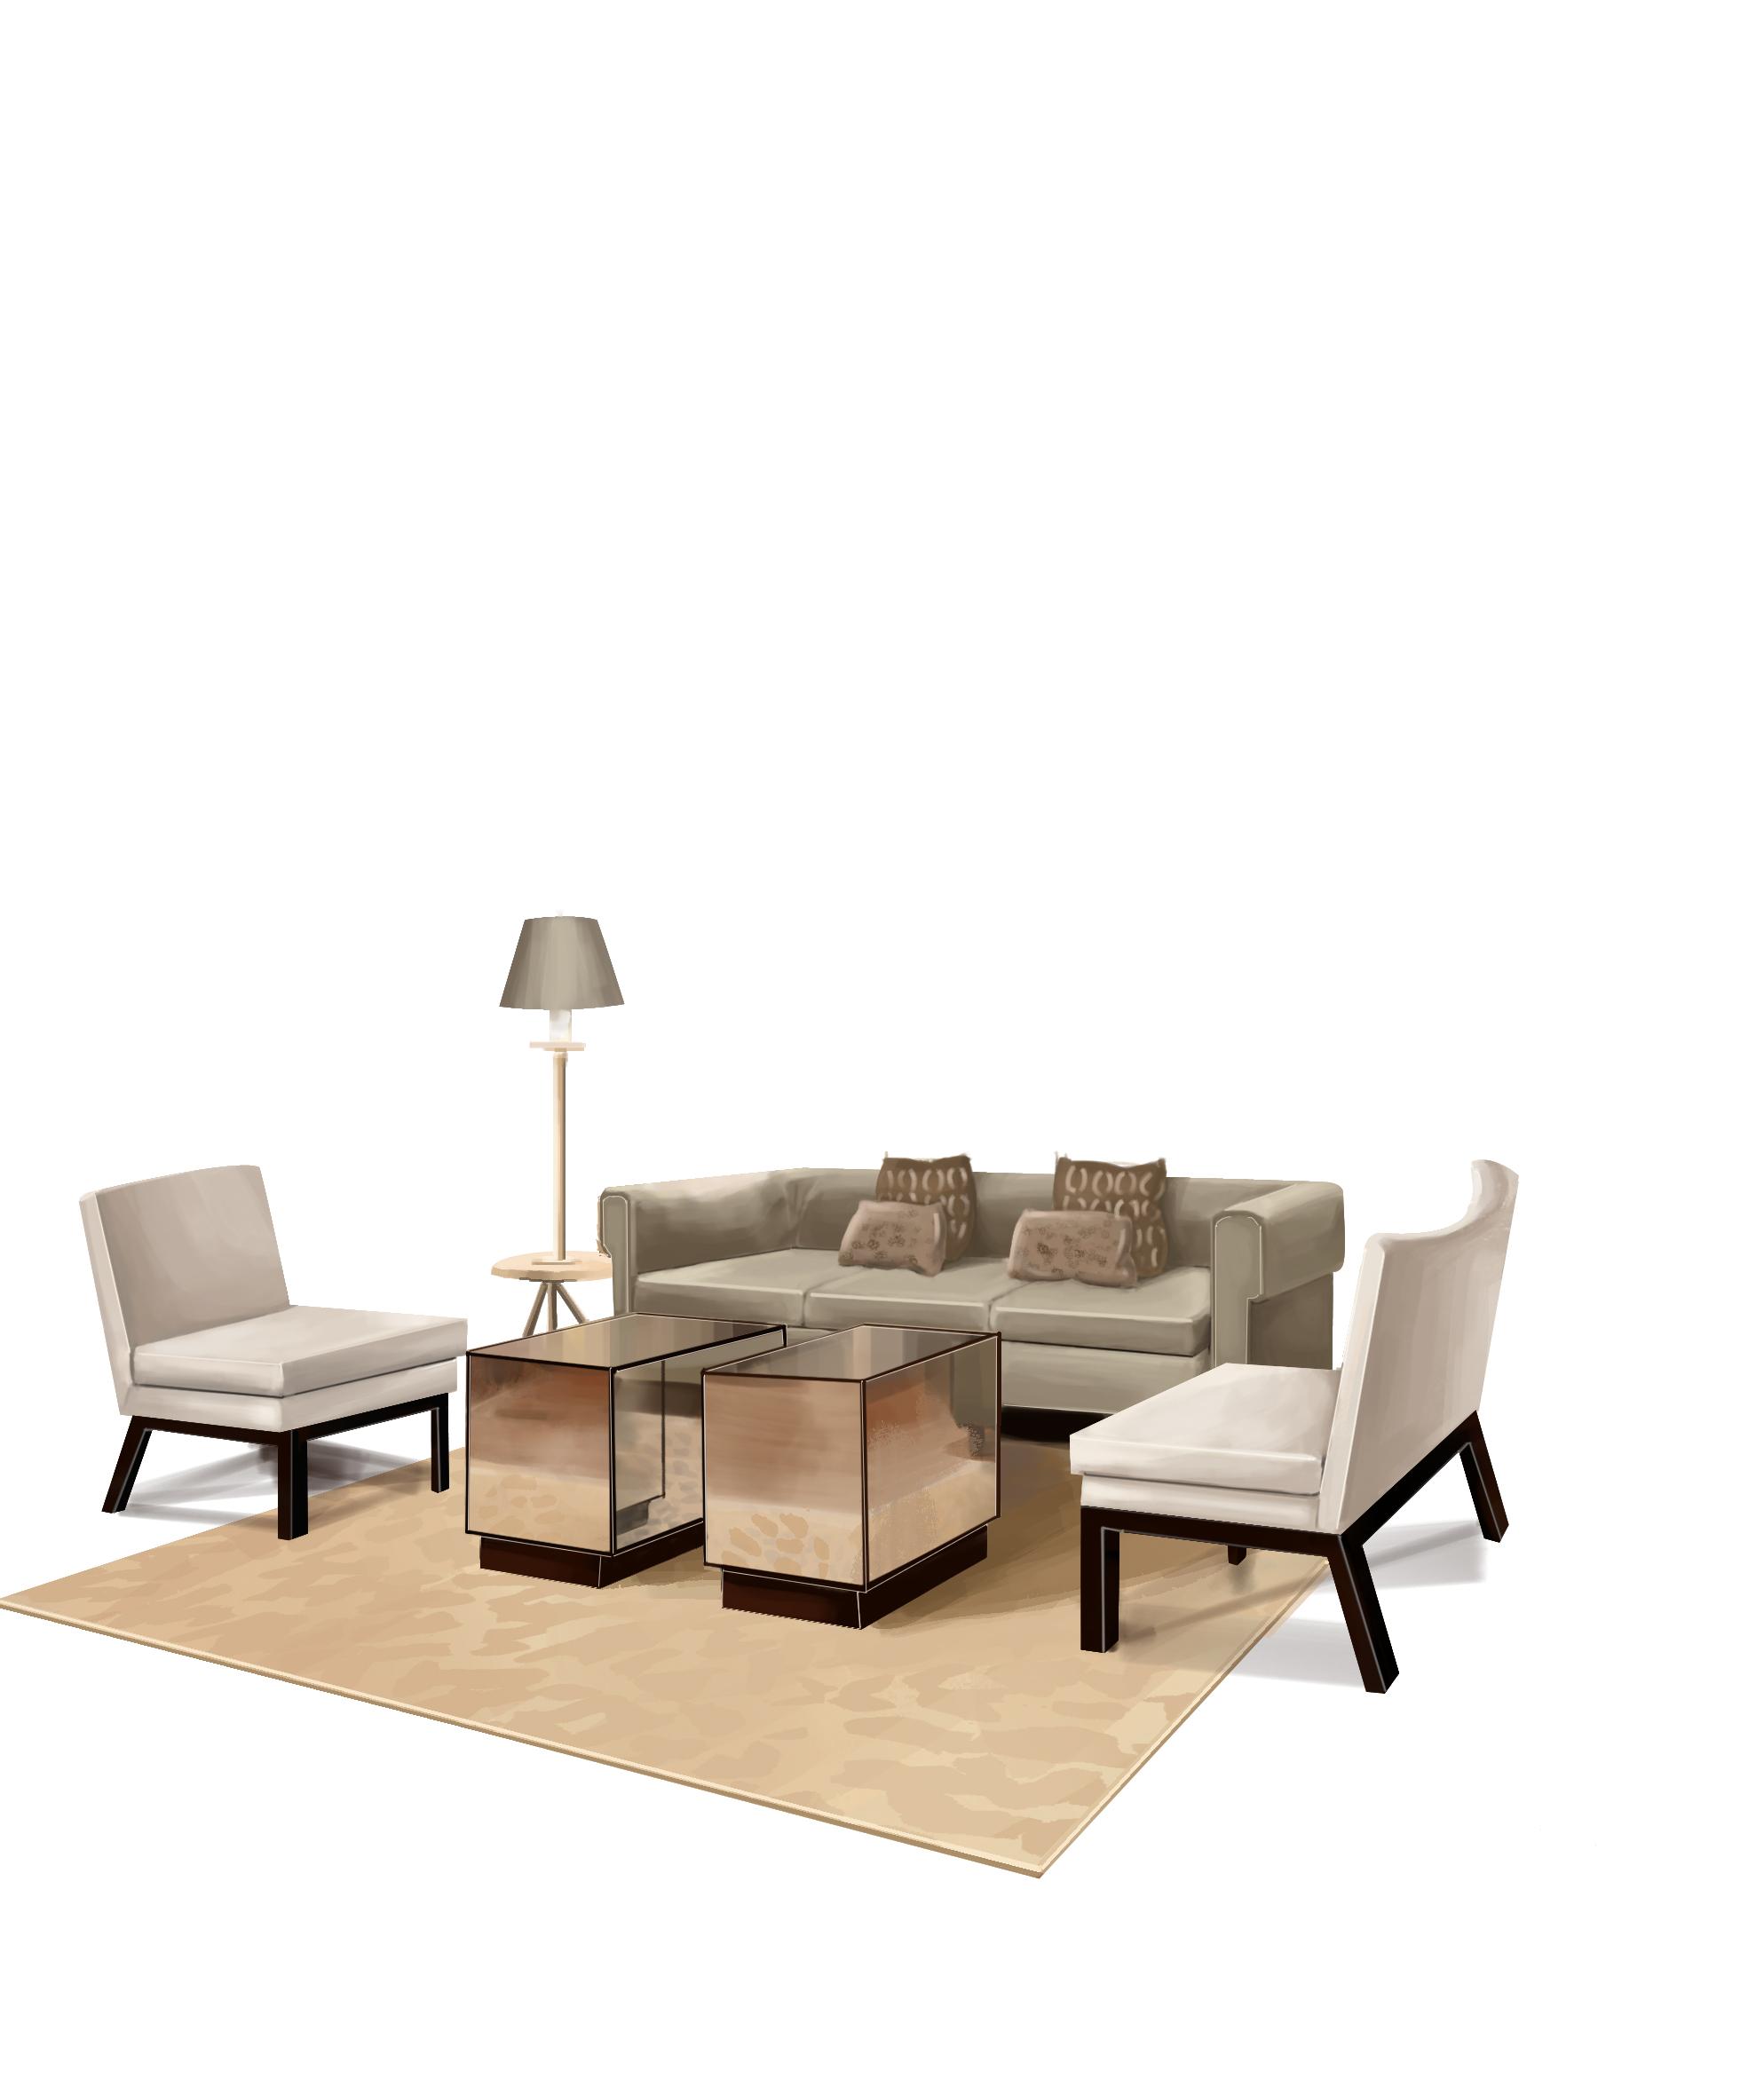 电脑手绘(沙发组合效果图上色过程)|空间|室内设计|a